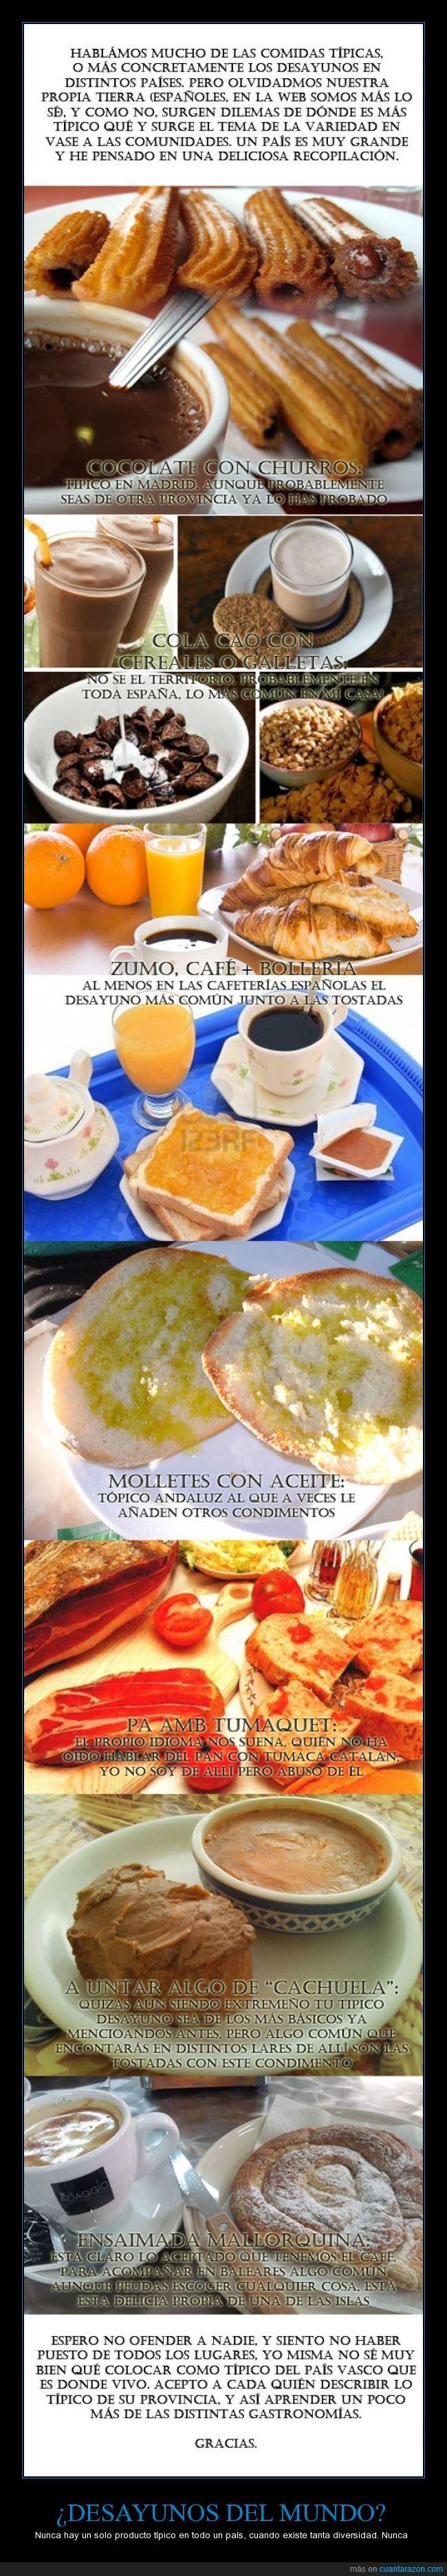 Desayunos,diferentes,España,Montaje Propio,no tiene todo,Perdonad la ausencia de algunas tildes odio mi PS,Que disfruten del desayuno de mañana ;D